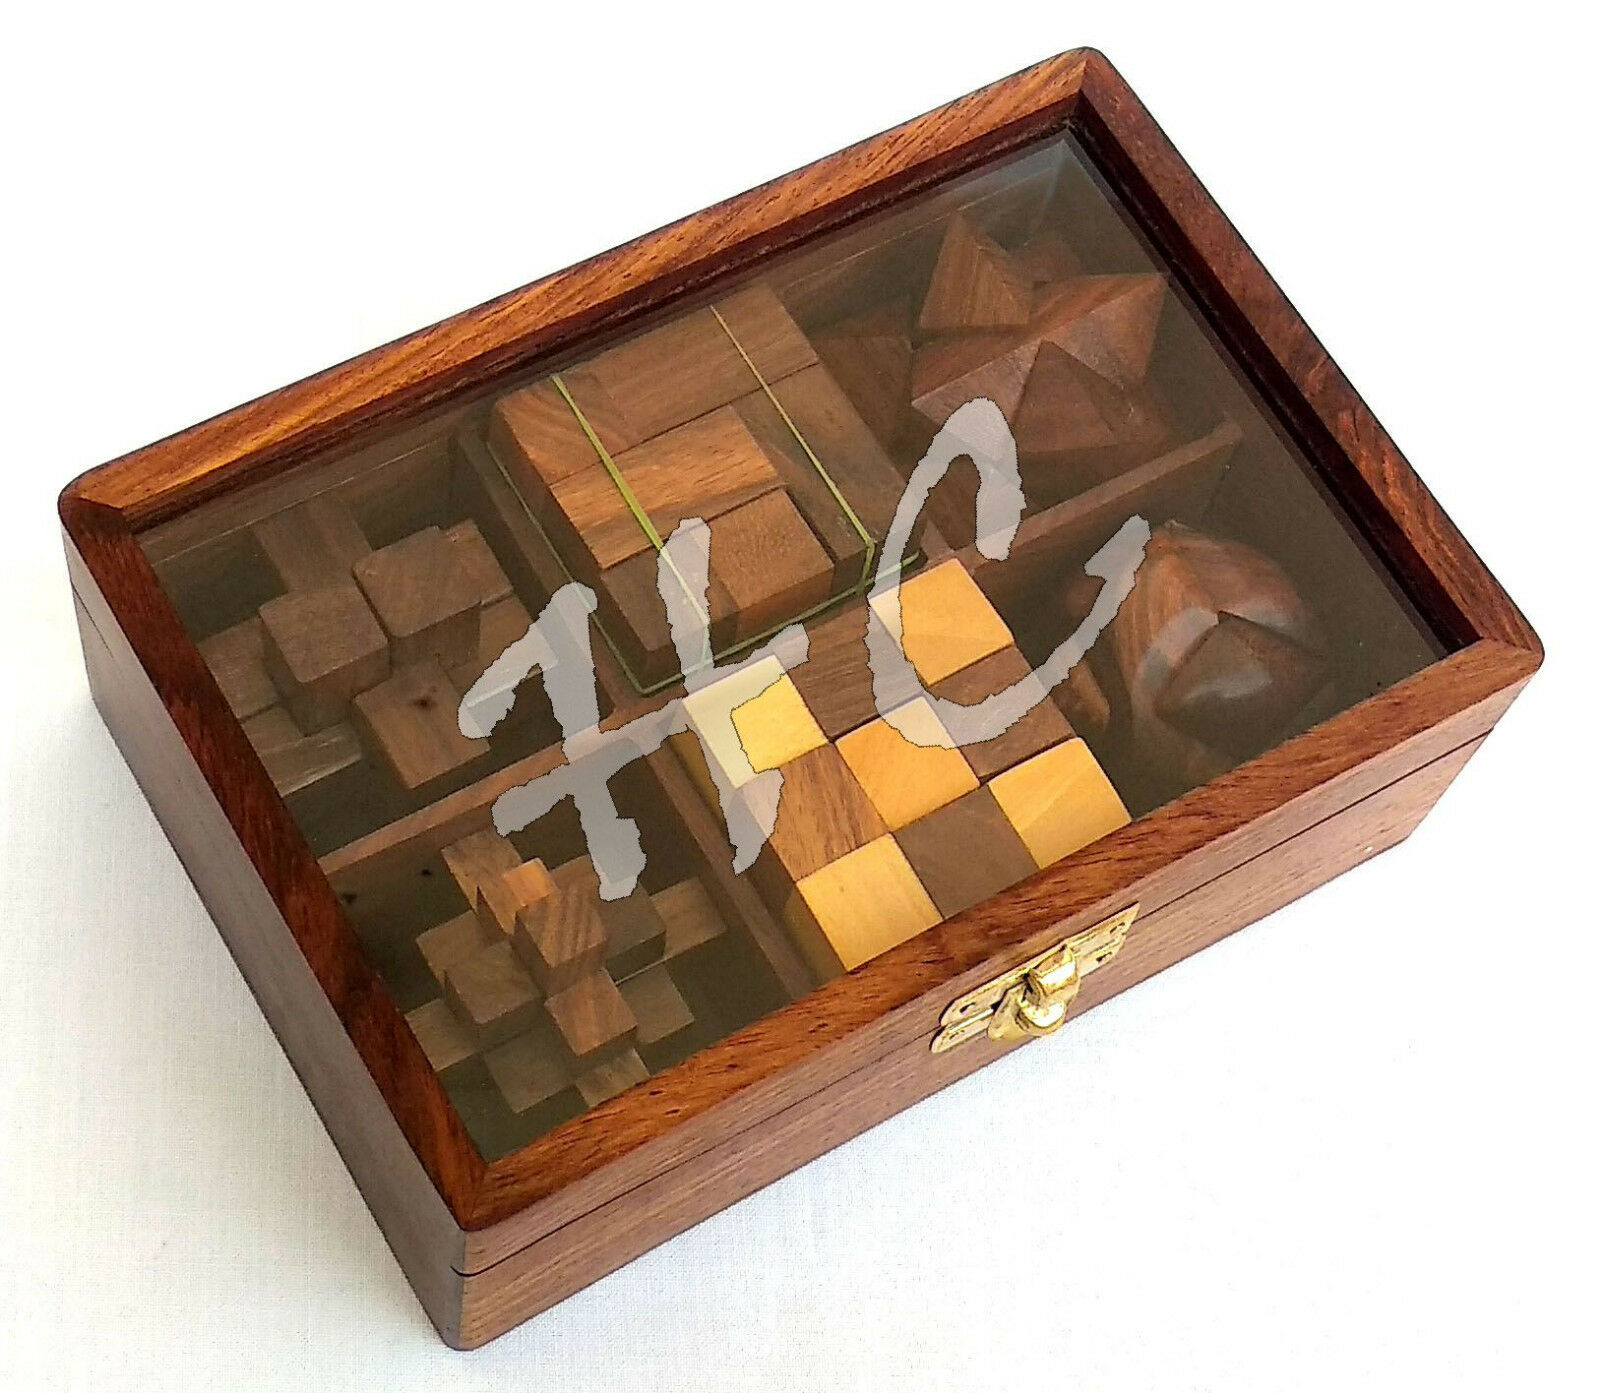 6 en 1 Juegos Monkey Pod Hecho a Mano Juguete Rompecabezas 3D de madera Conjunto de regalo en caja de presentación